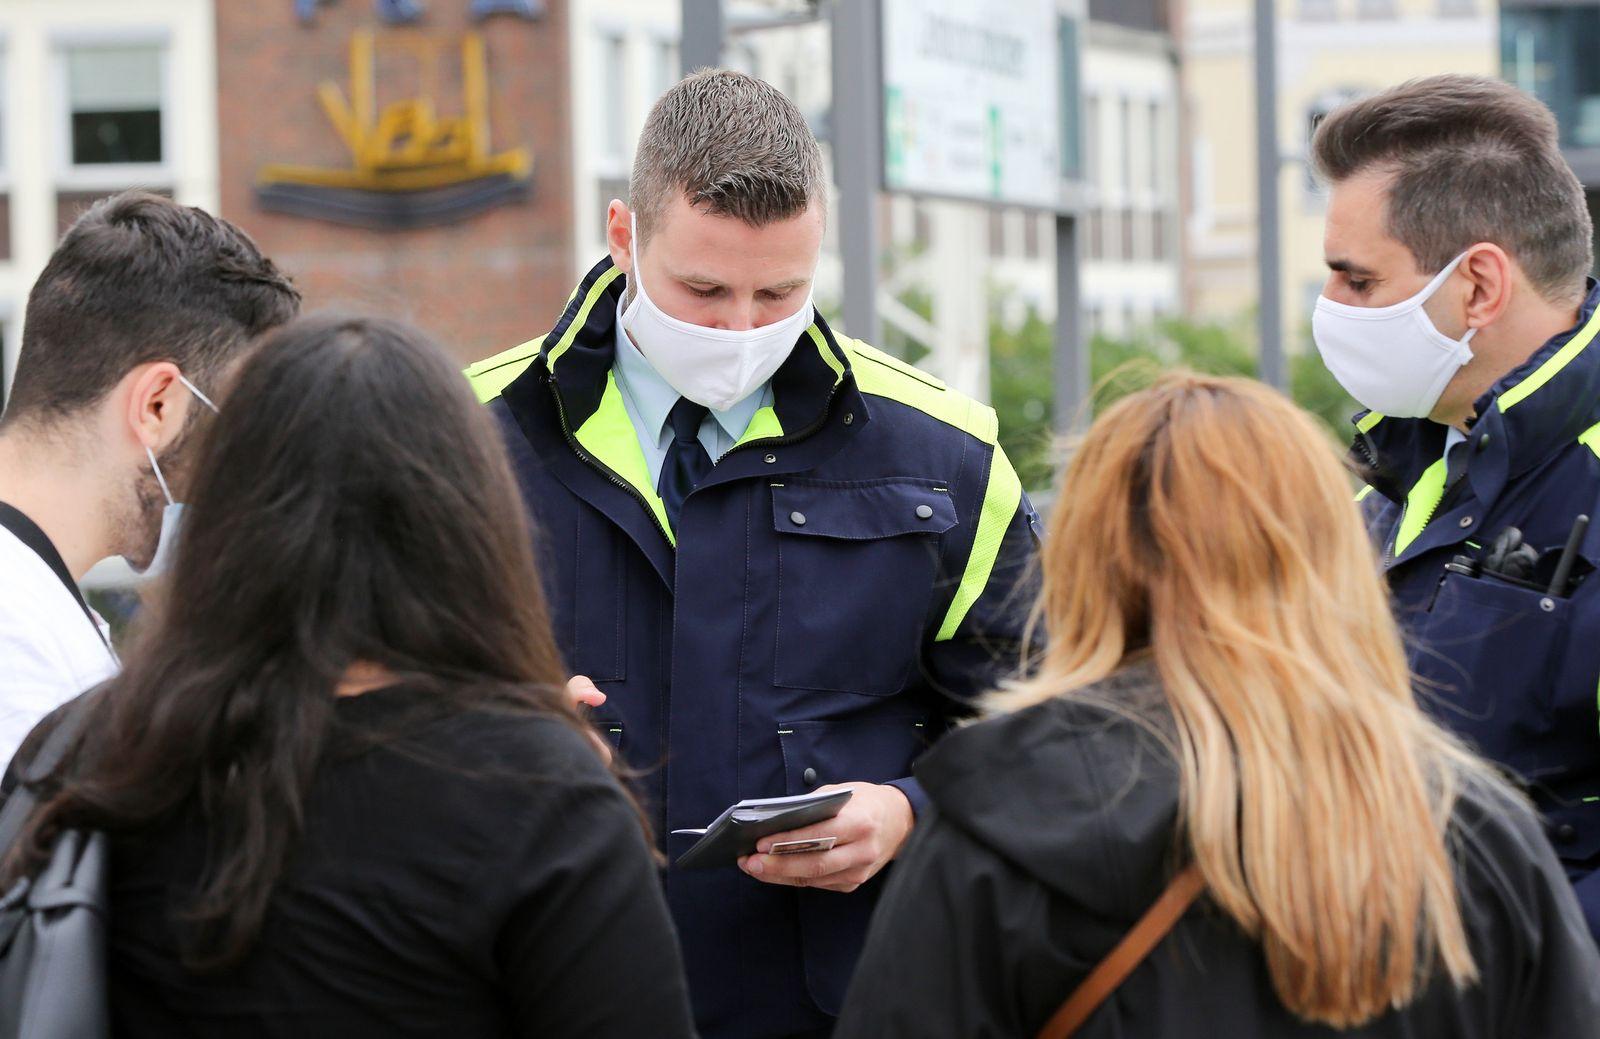 Ärztekammer will gegen falsche Masken-Atteste vorgehen